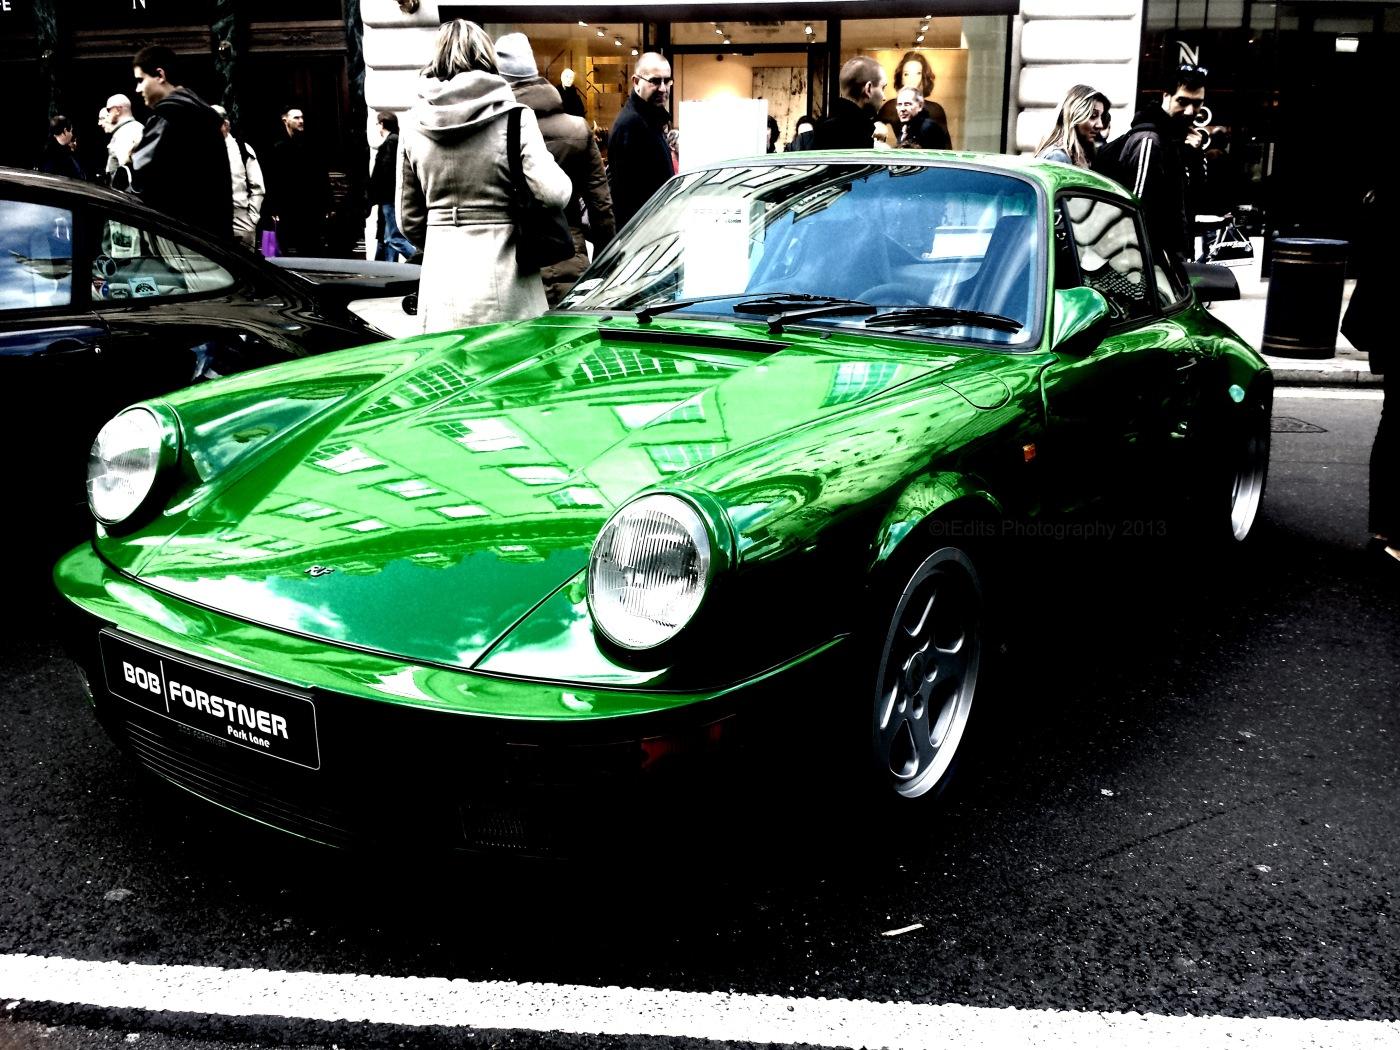 Kermit's Porsche 911 CTR